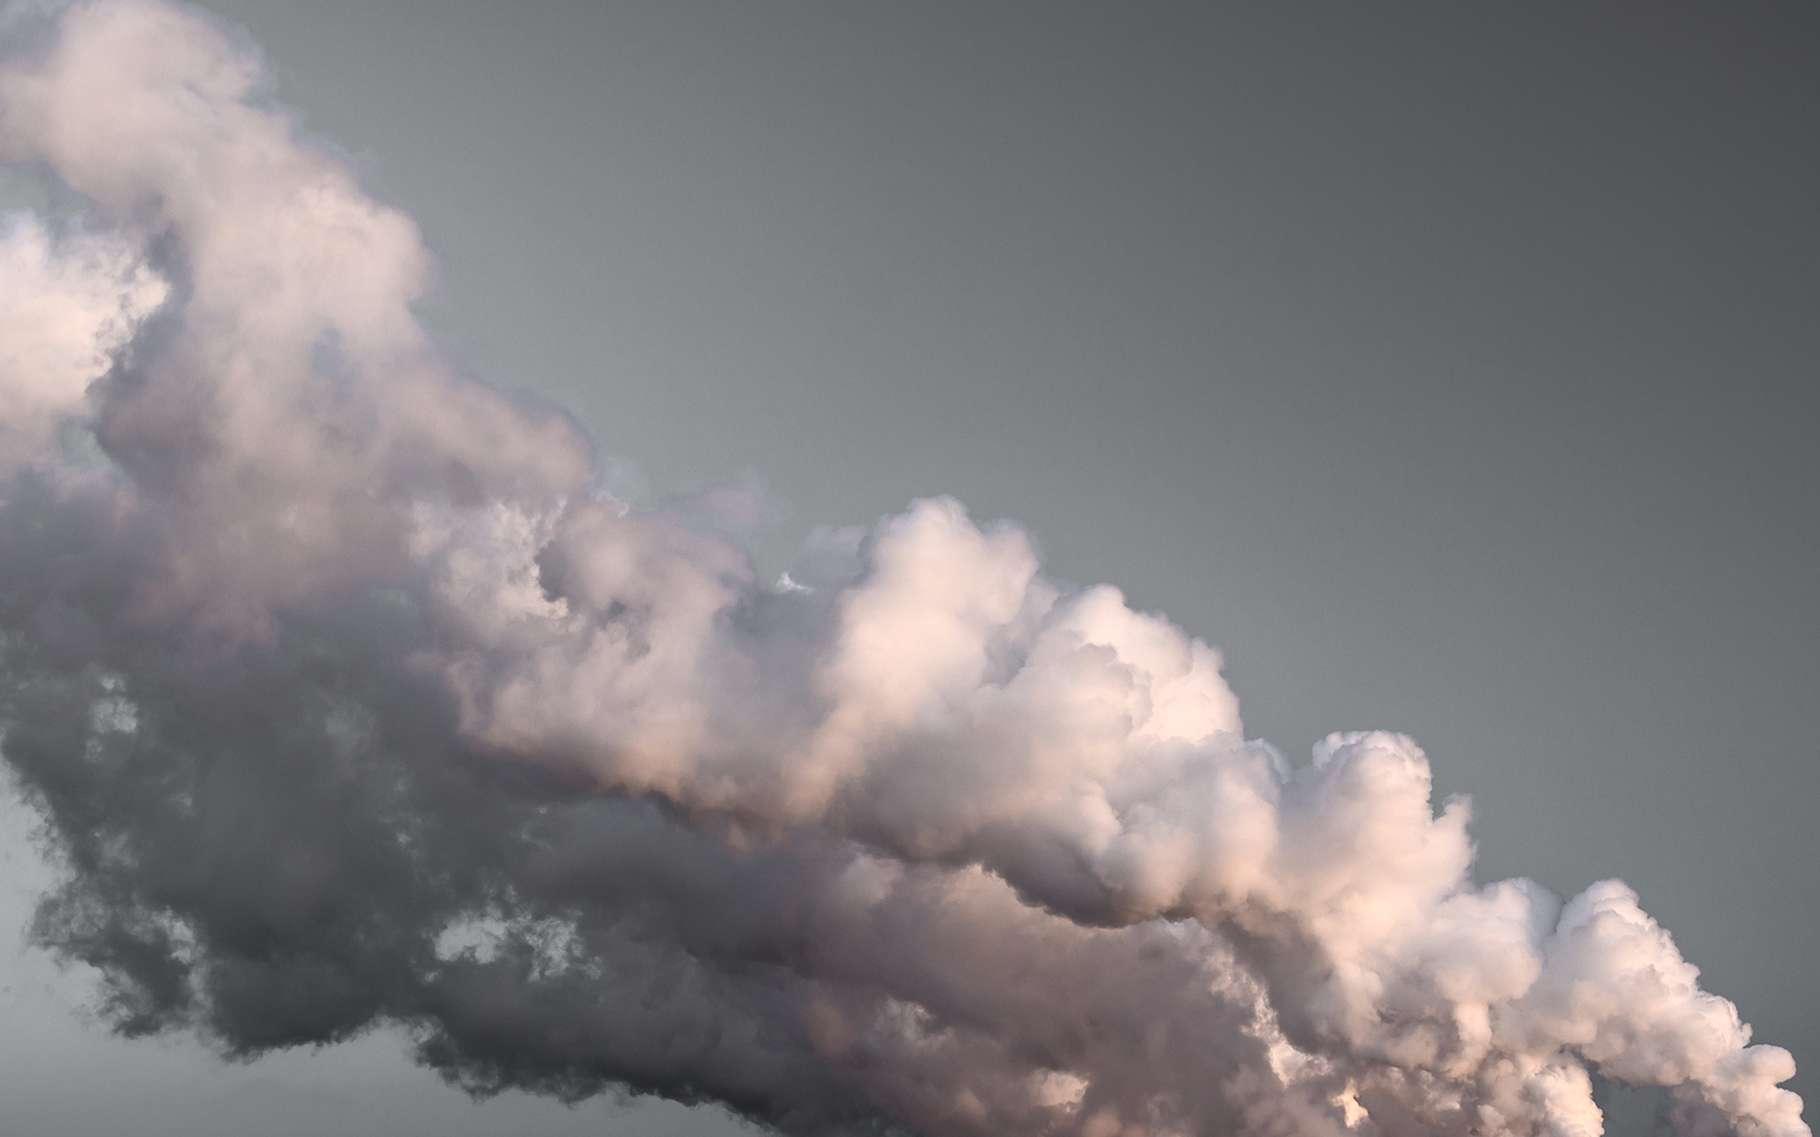 À quelques semaines des discussions de la convention des Nations unies sur les changements climatiques, au Maroc, l'Organisation météorologique mondiale (OMM) tire la sonnette d'alarme en publiant un rapport très inquiétant sur la concentration du CO2 dans l'atmosphère. Celui-ci aurait dépassé le seuil critique des 400 ppm sur toute l'année 2015. L'année 2016 devrait confirmer la présence de ce niveau critique. © Ugis Riba, Shutterstock